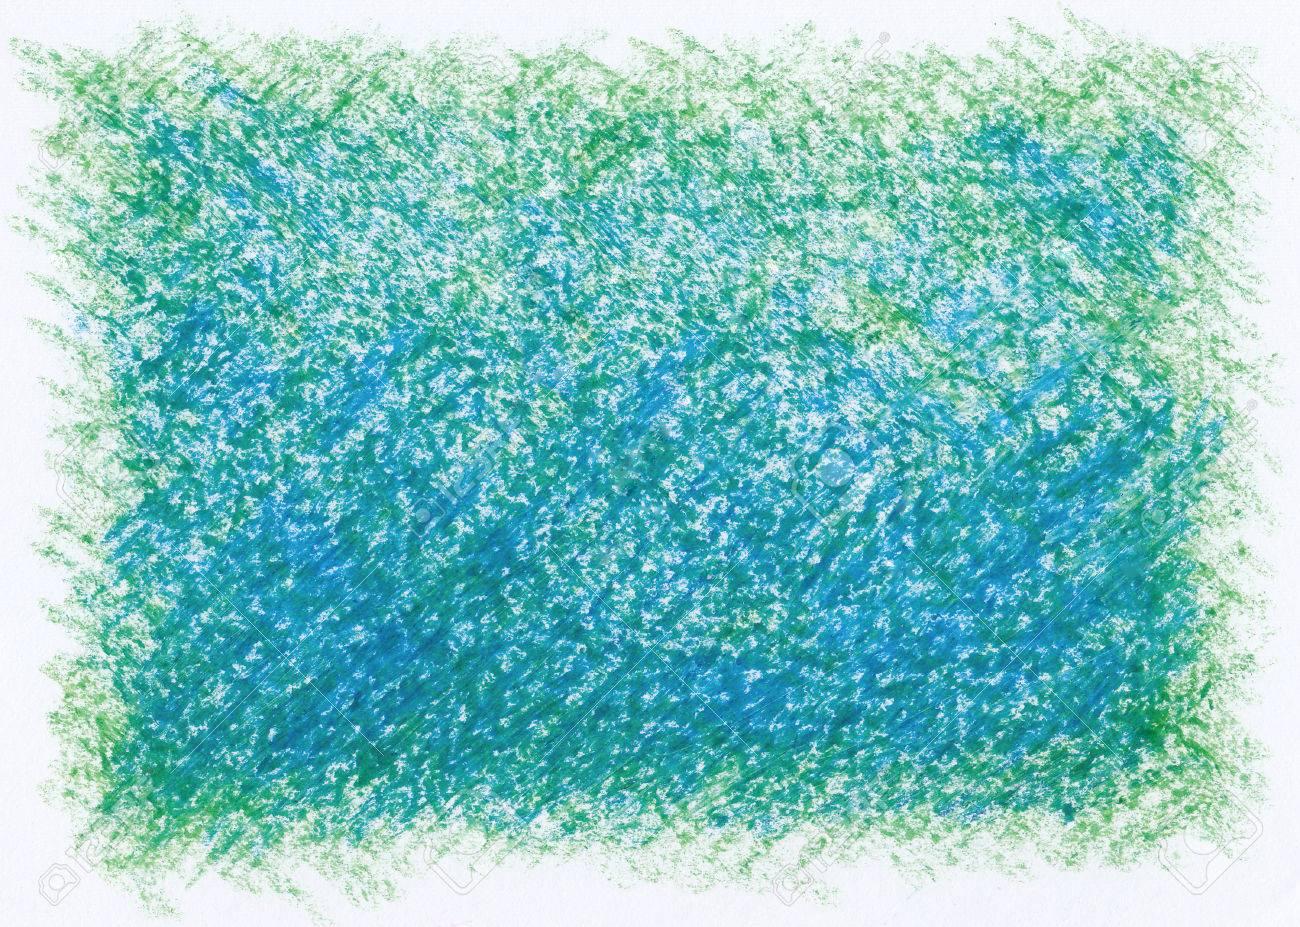 青い緑の抽象的なクレヨン背景 の写真素材 画像素材 Image